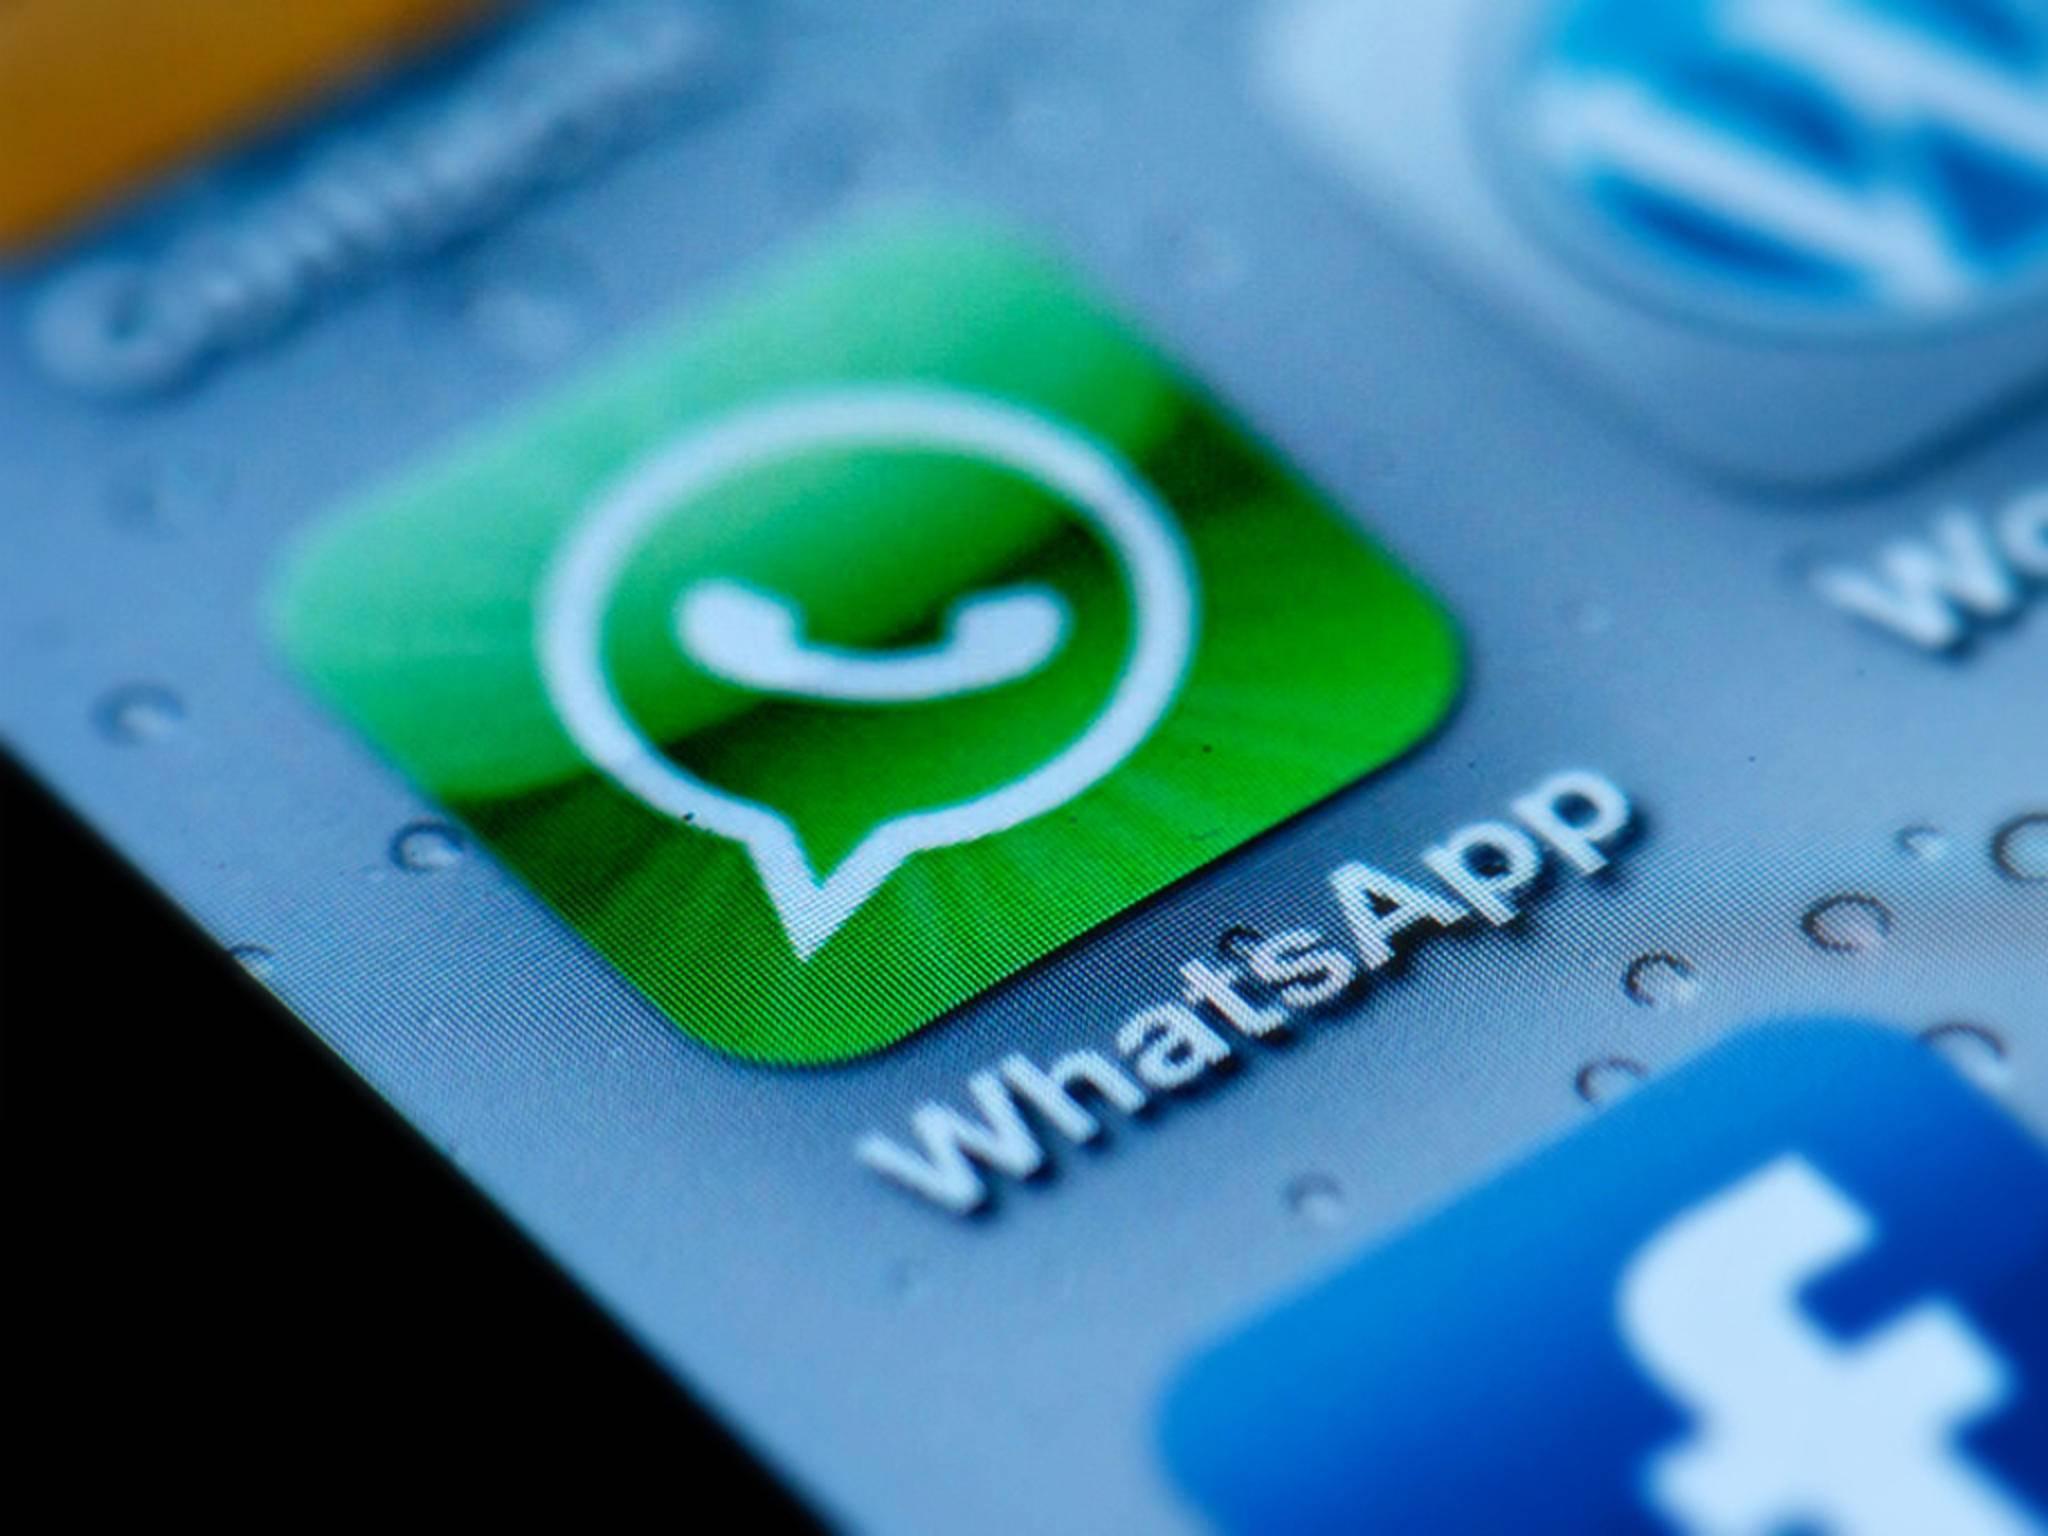 WhatsApp unterstützt jetzt 3D Touch auf dem iPhone 6s und dem iPhone 6s Plus.